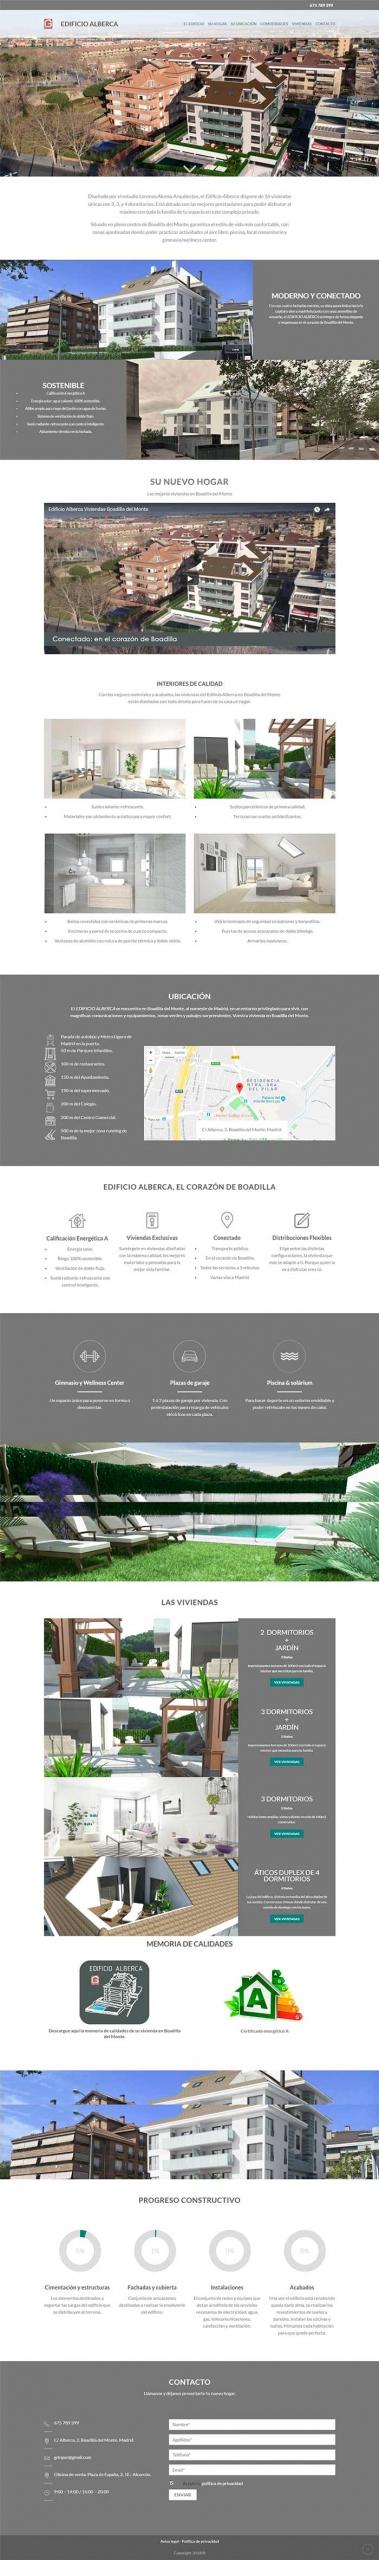 inicio-viviendas-boadilla-portfolio-aeuroweb